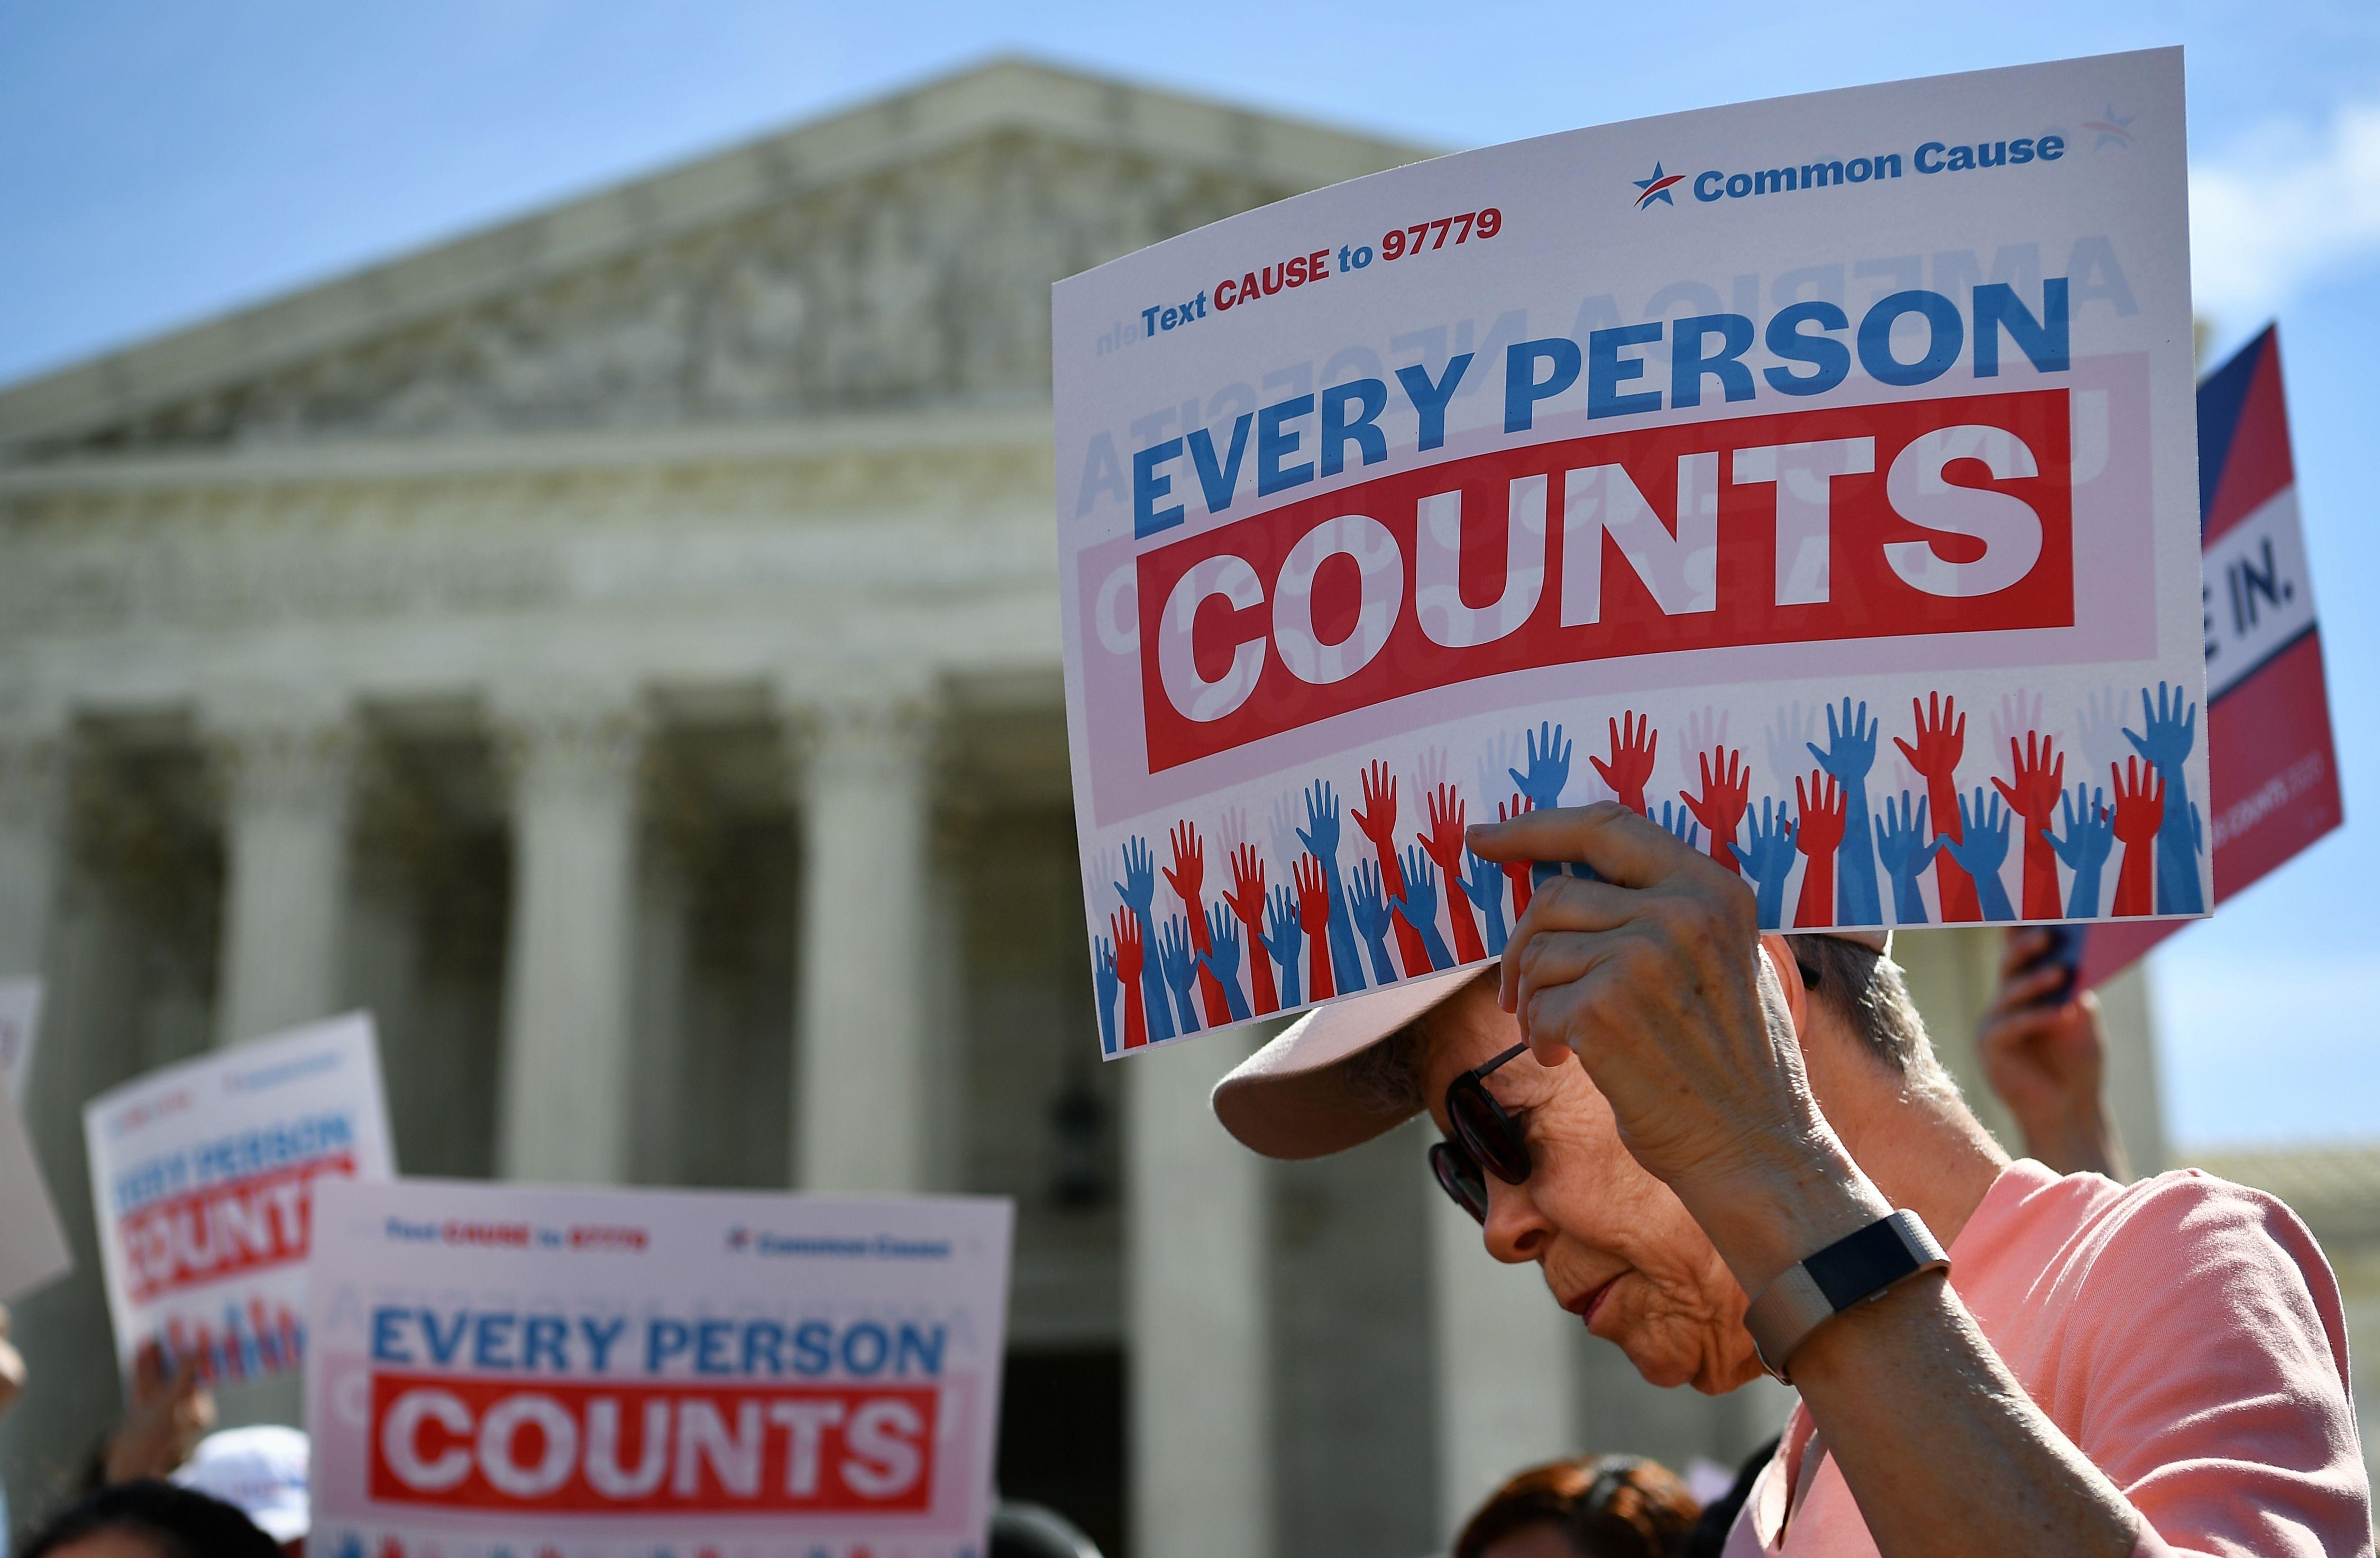 移民倡議組織及民權組織普遍針對人口普查計劃,稱剔除數百萬名非法移民,違反憲法和聯邦法律。    法新社